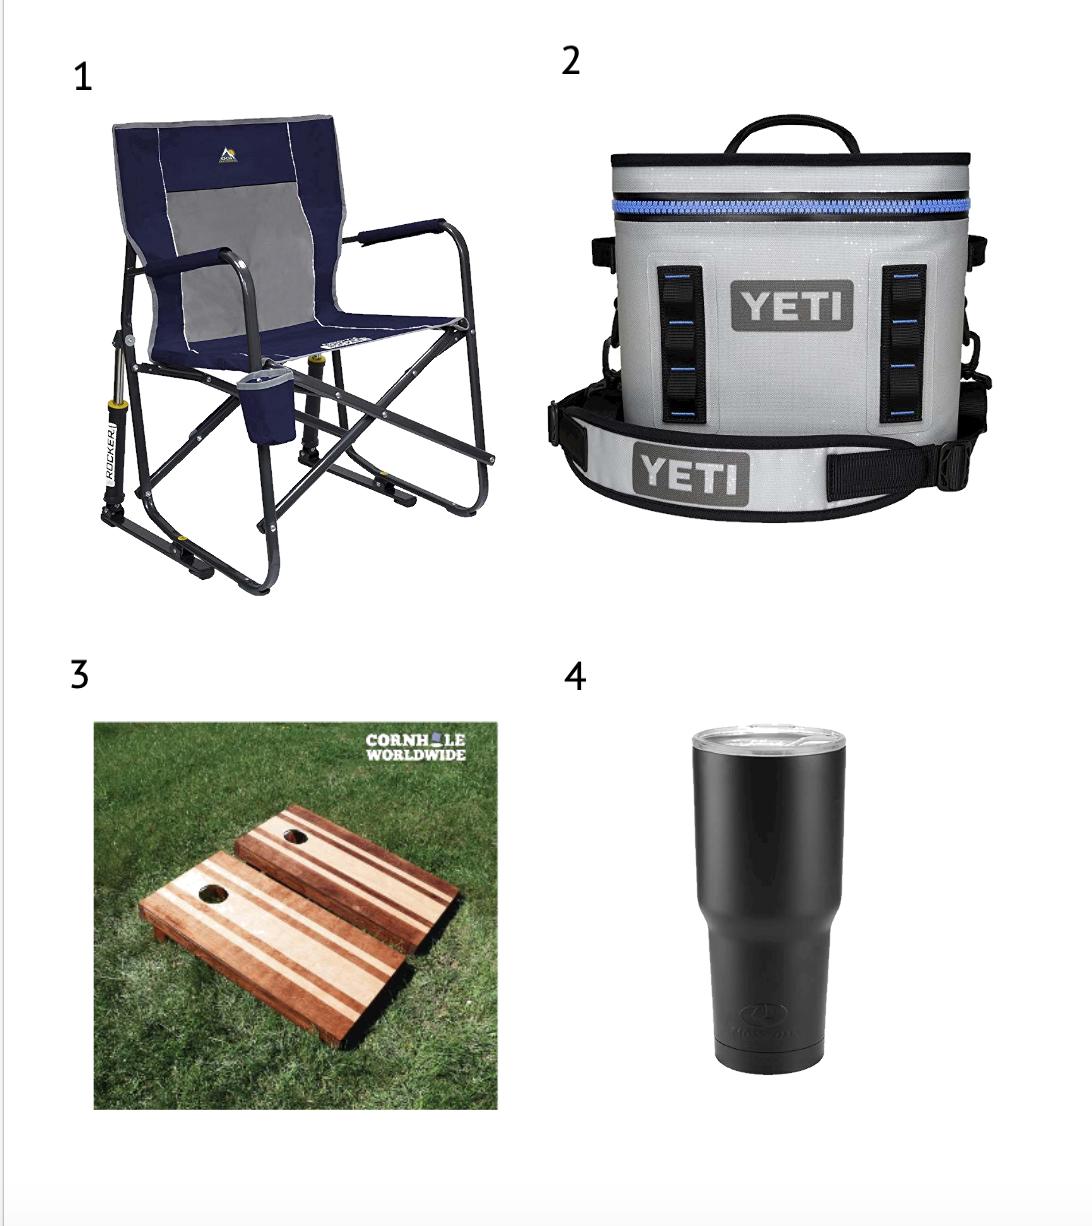 1.   Rocking Tailgate Chair   2.   Yeti Shoulder Cooler     3.   Corn Hole Set   4.   Tumbler